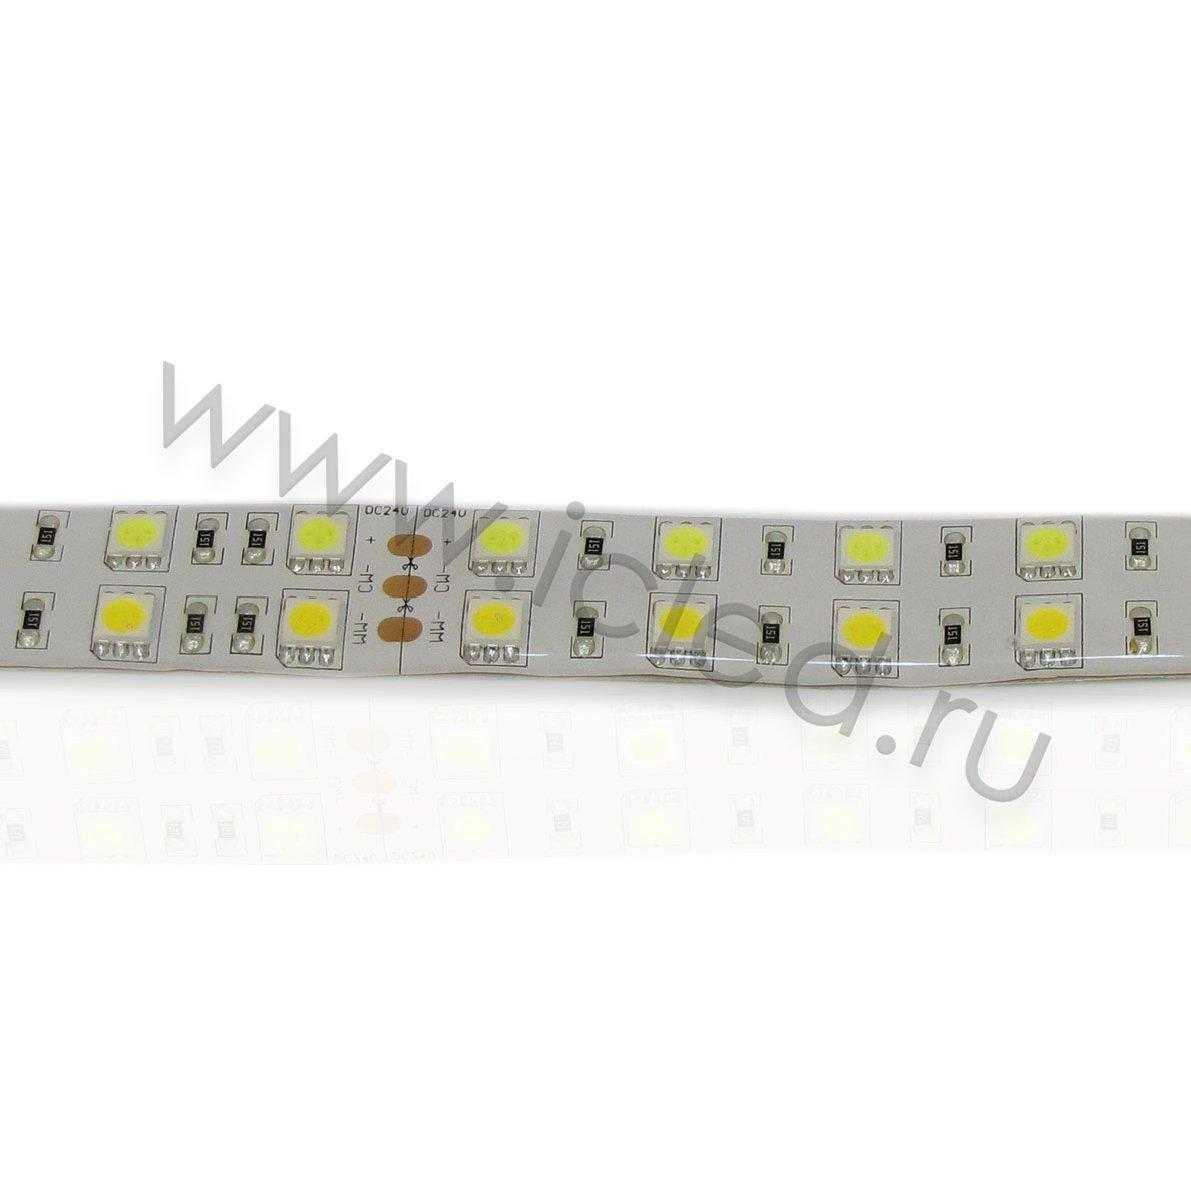 Светодиодная лента Class B, 5050, 120 led/m, MIX, 24V, IP65